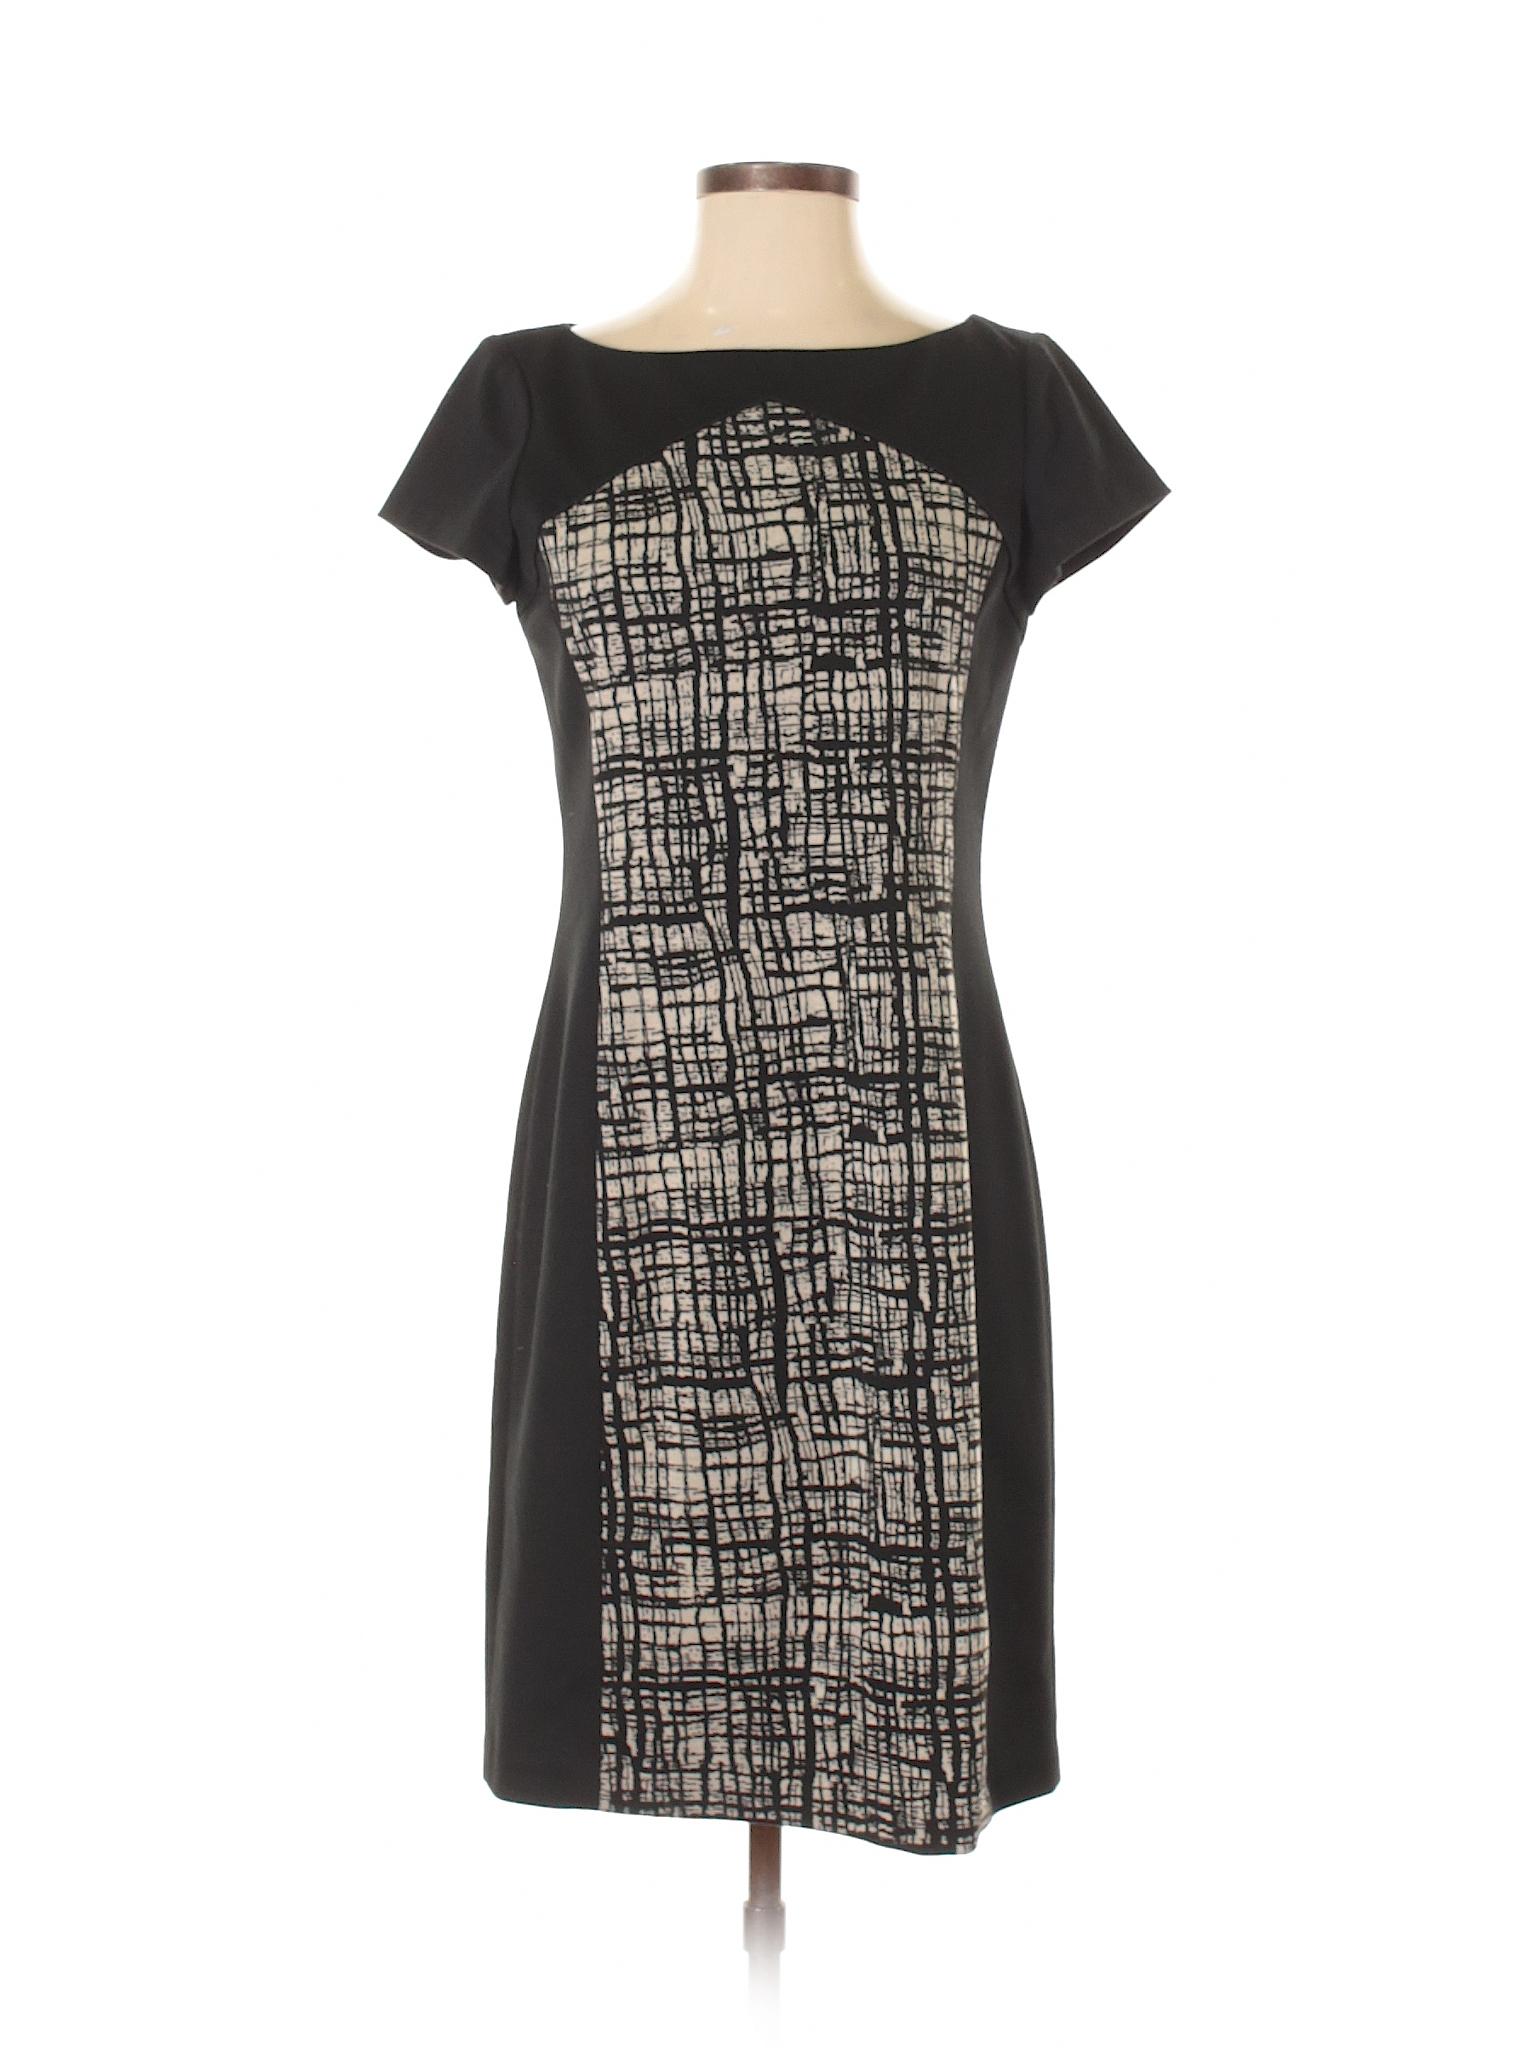 Dress Wear Jones Jones Casual Casual Selling Wear Selling w07qfcgxE